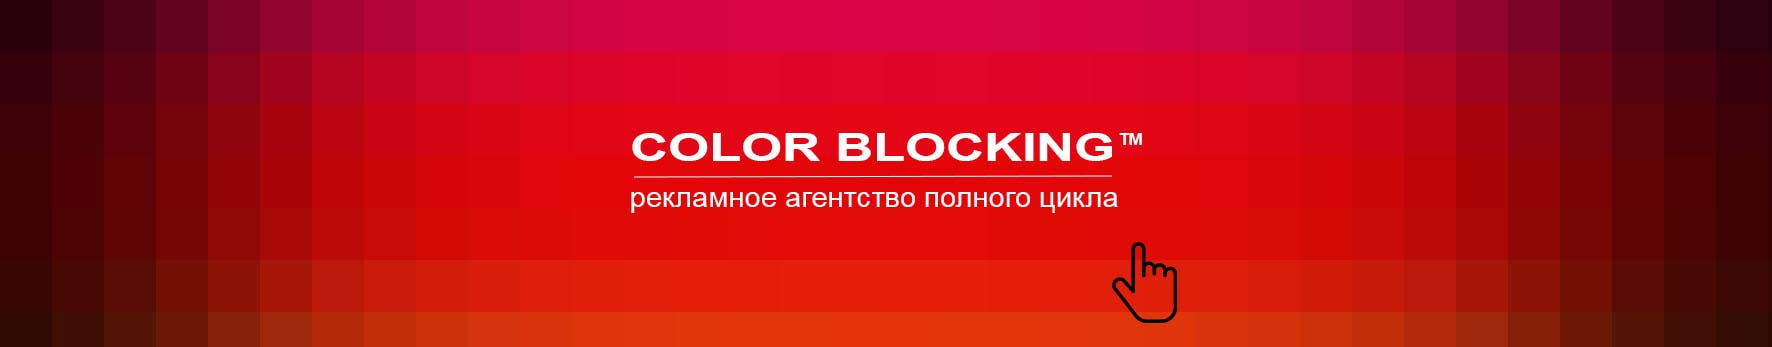 Брендирование маршрутного такси в Грозном агентство